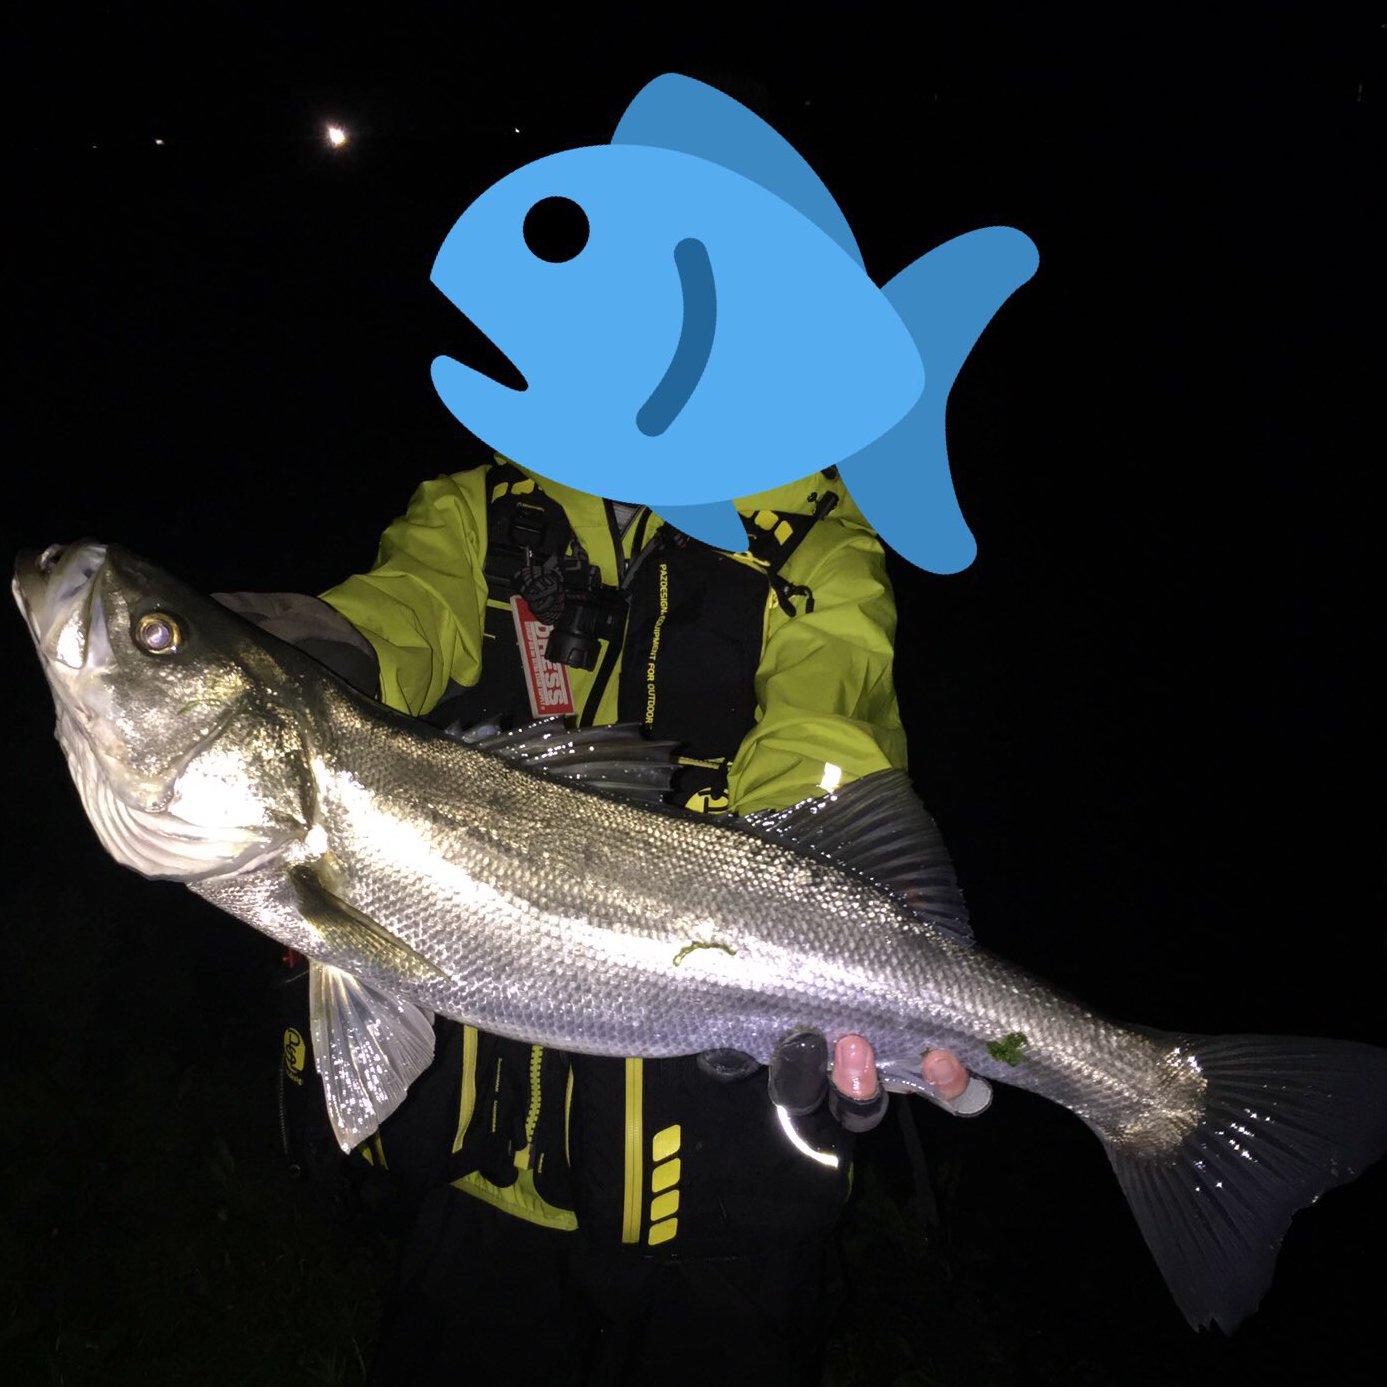 釣り人®️さんの背景画像